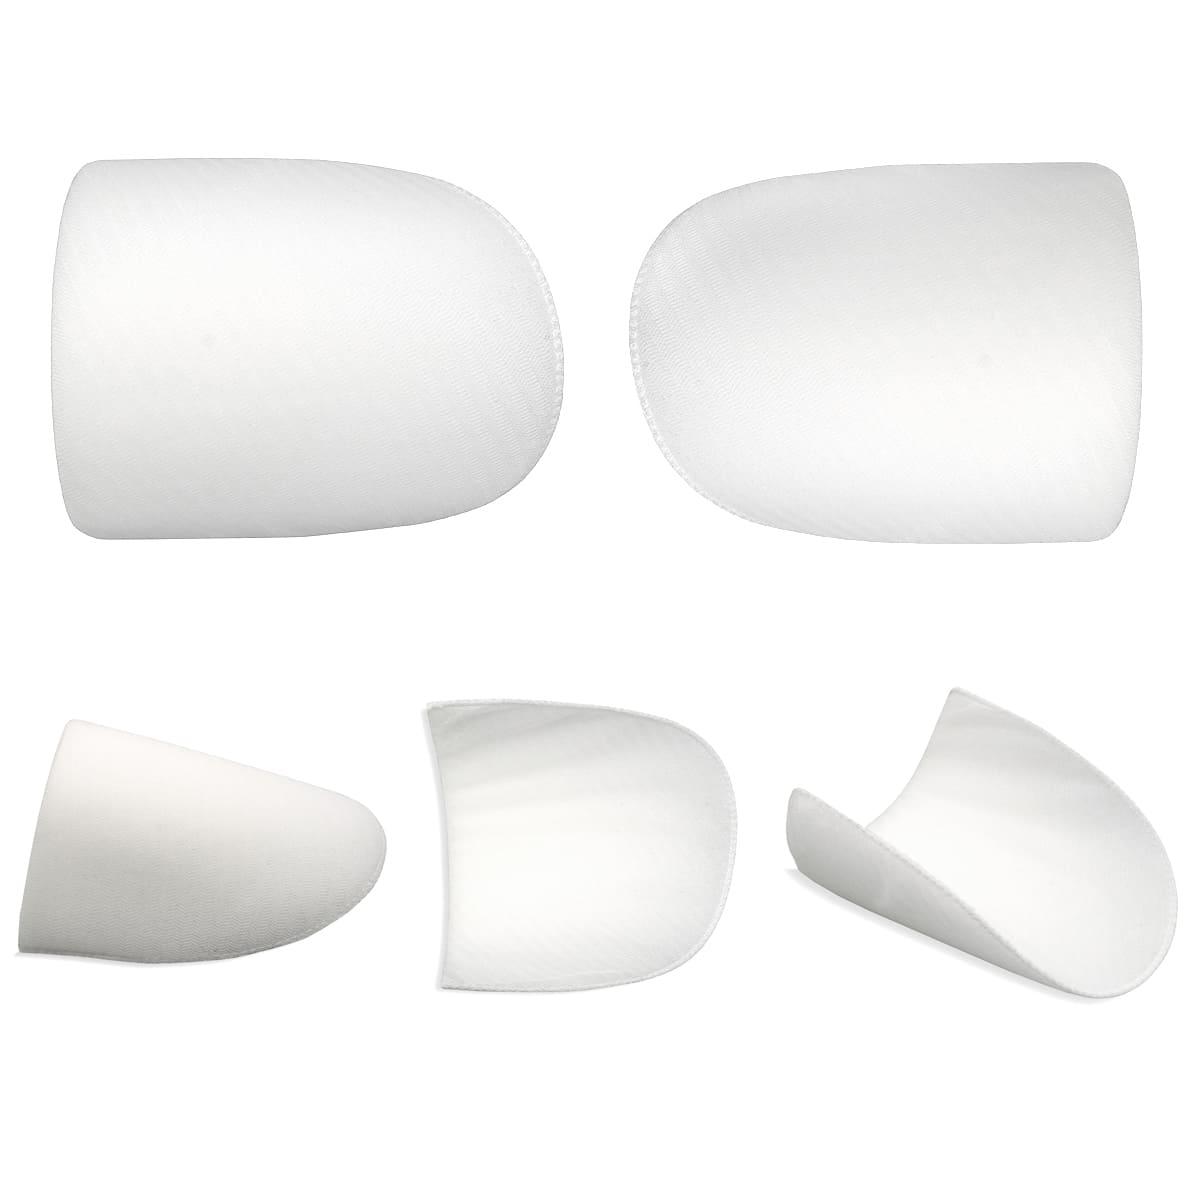 В-25 Плечевые накладки обшитые, втачные, белые, 25*140*210 мм